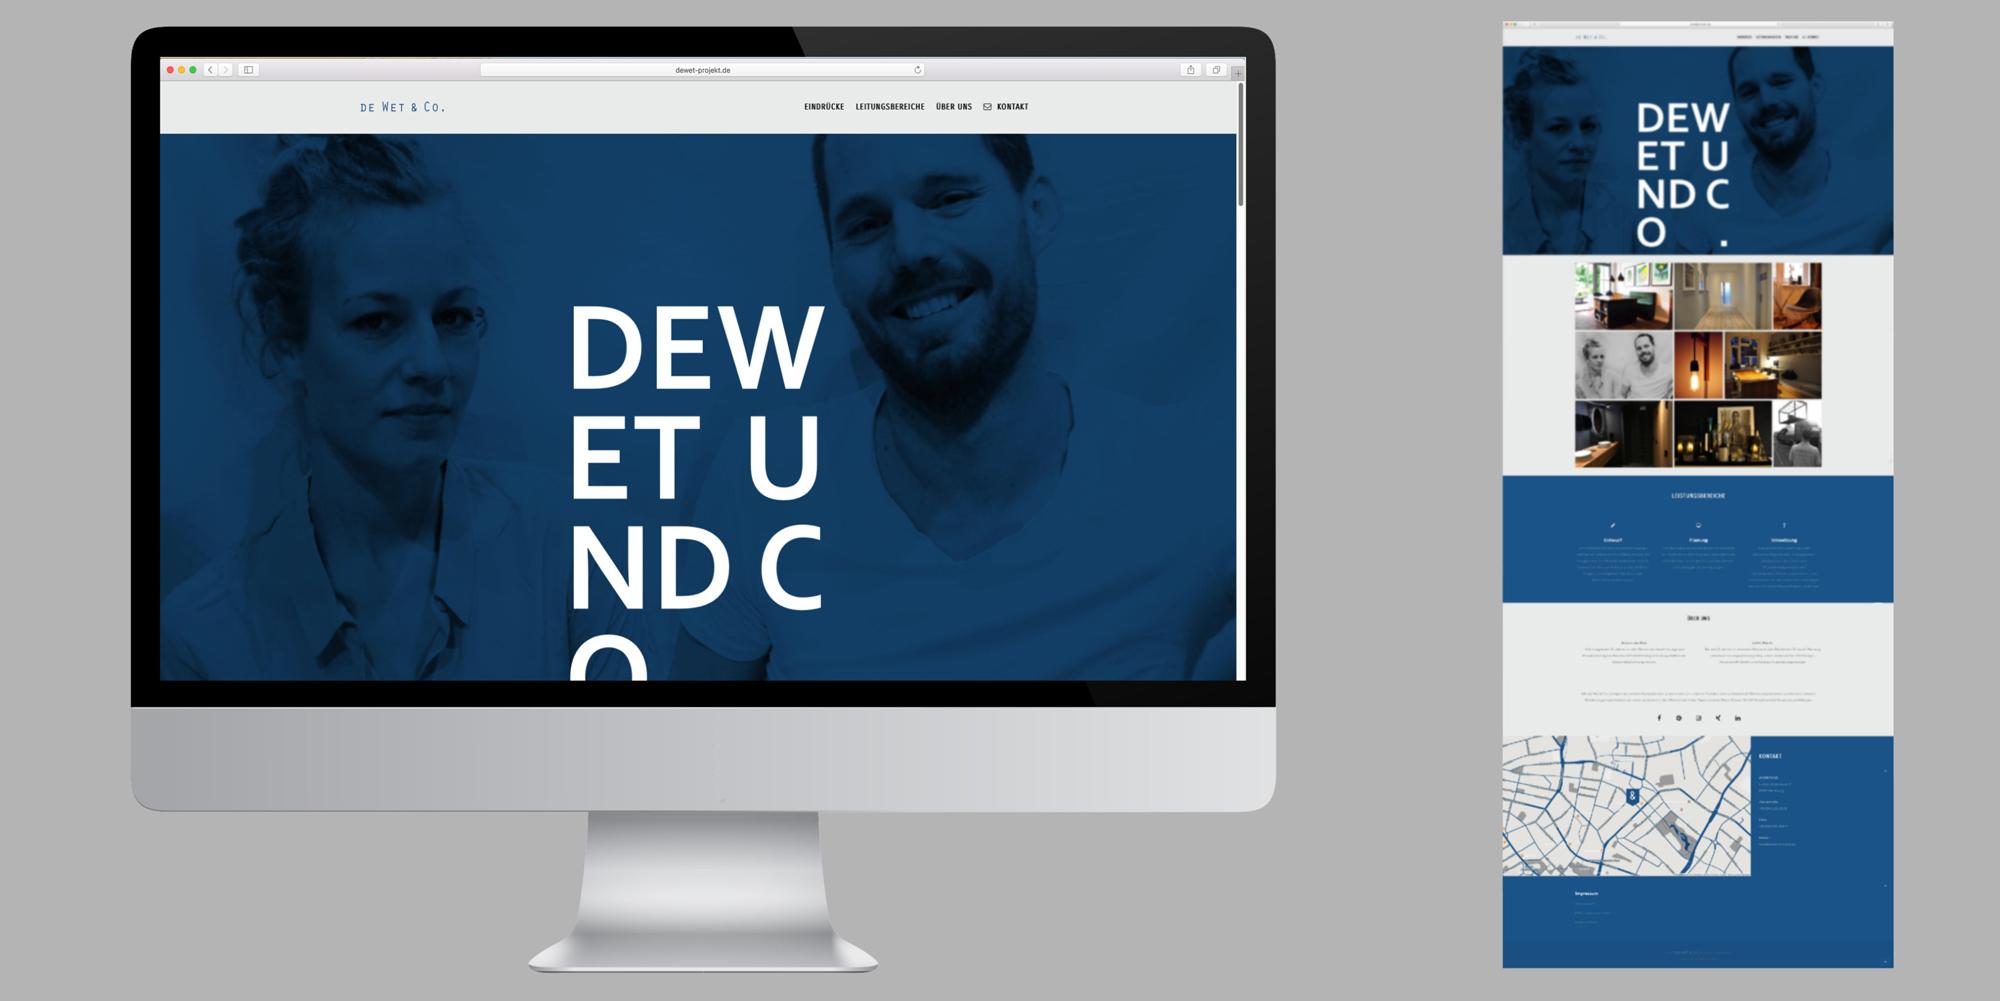 Onpage - Darstellung der Website von Dewet und Co